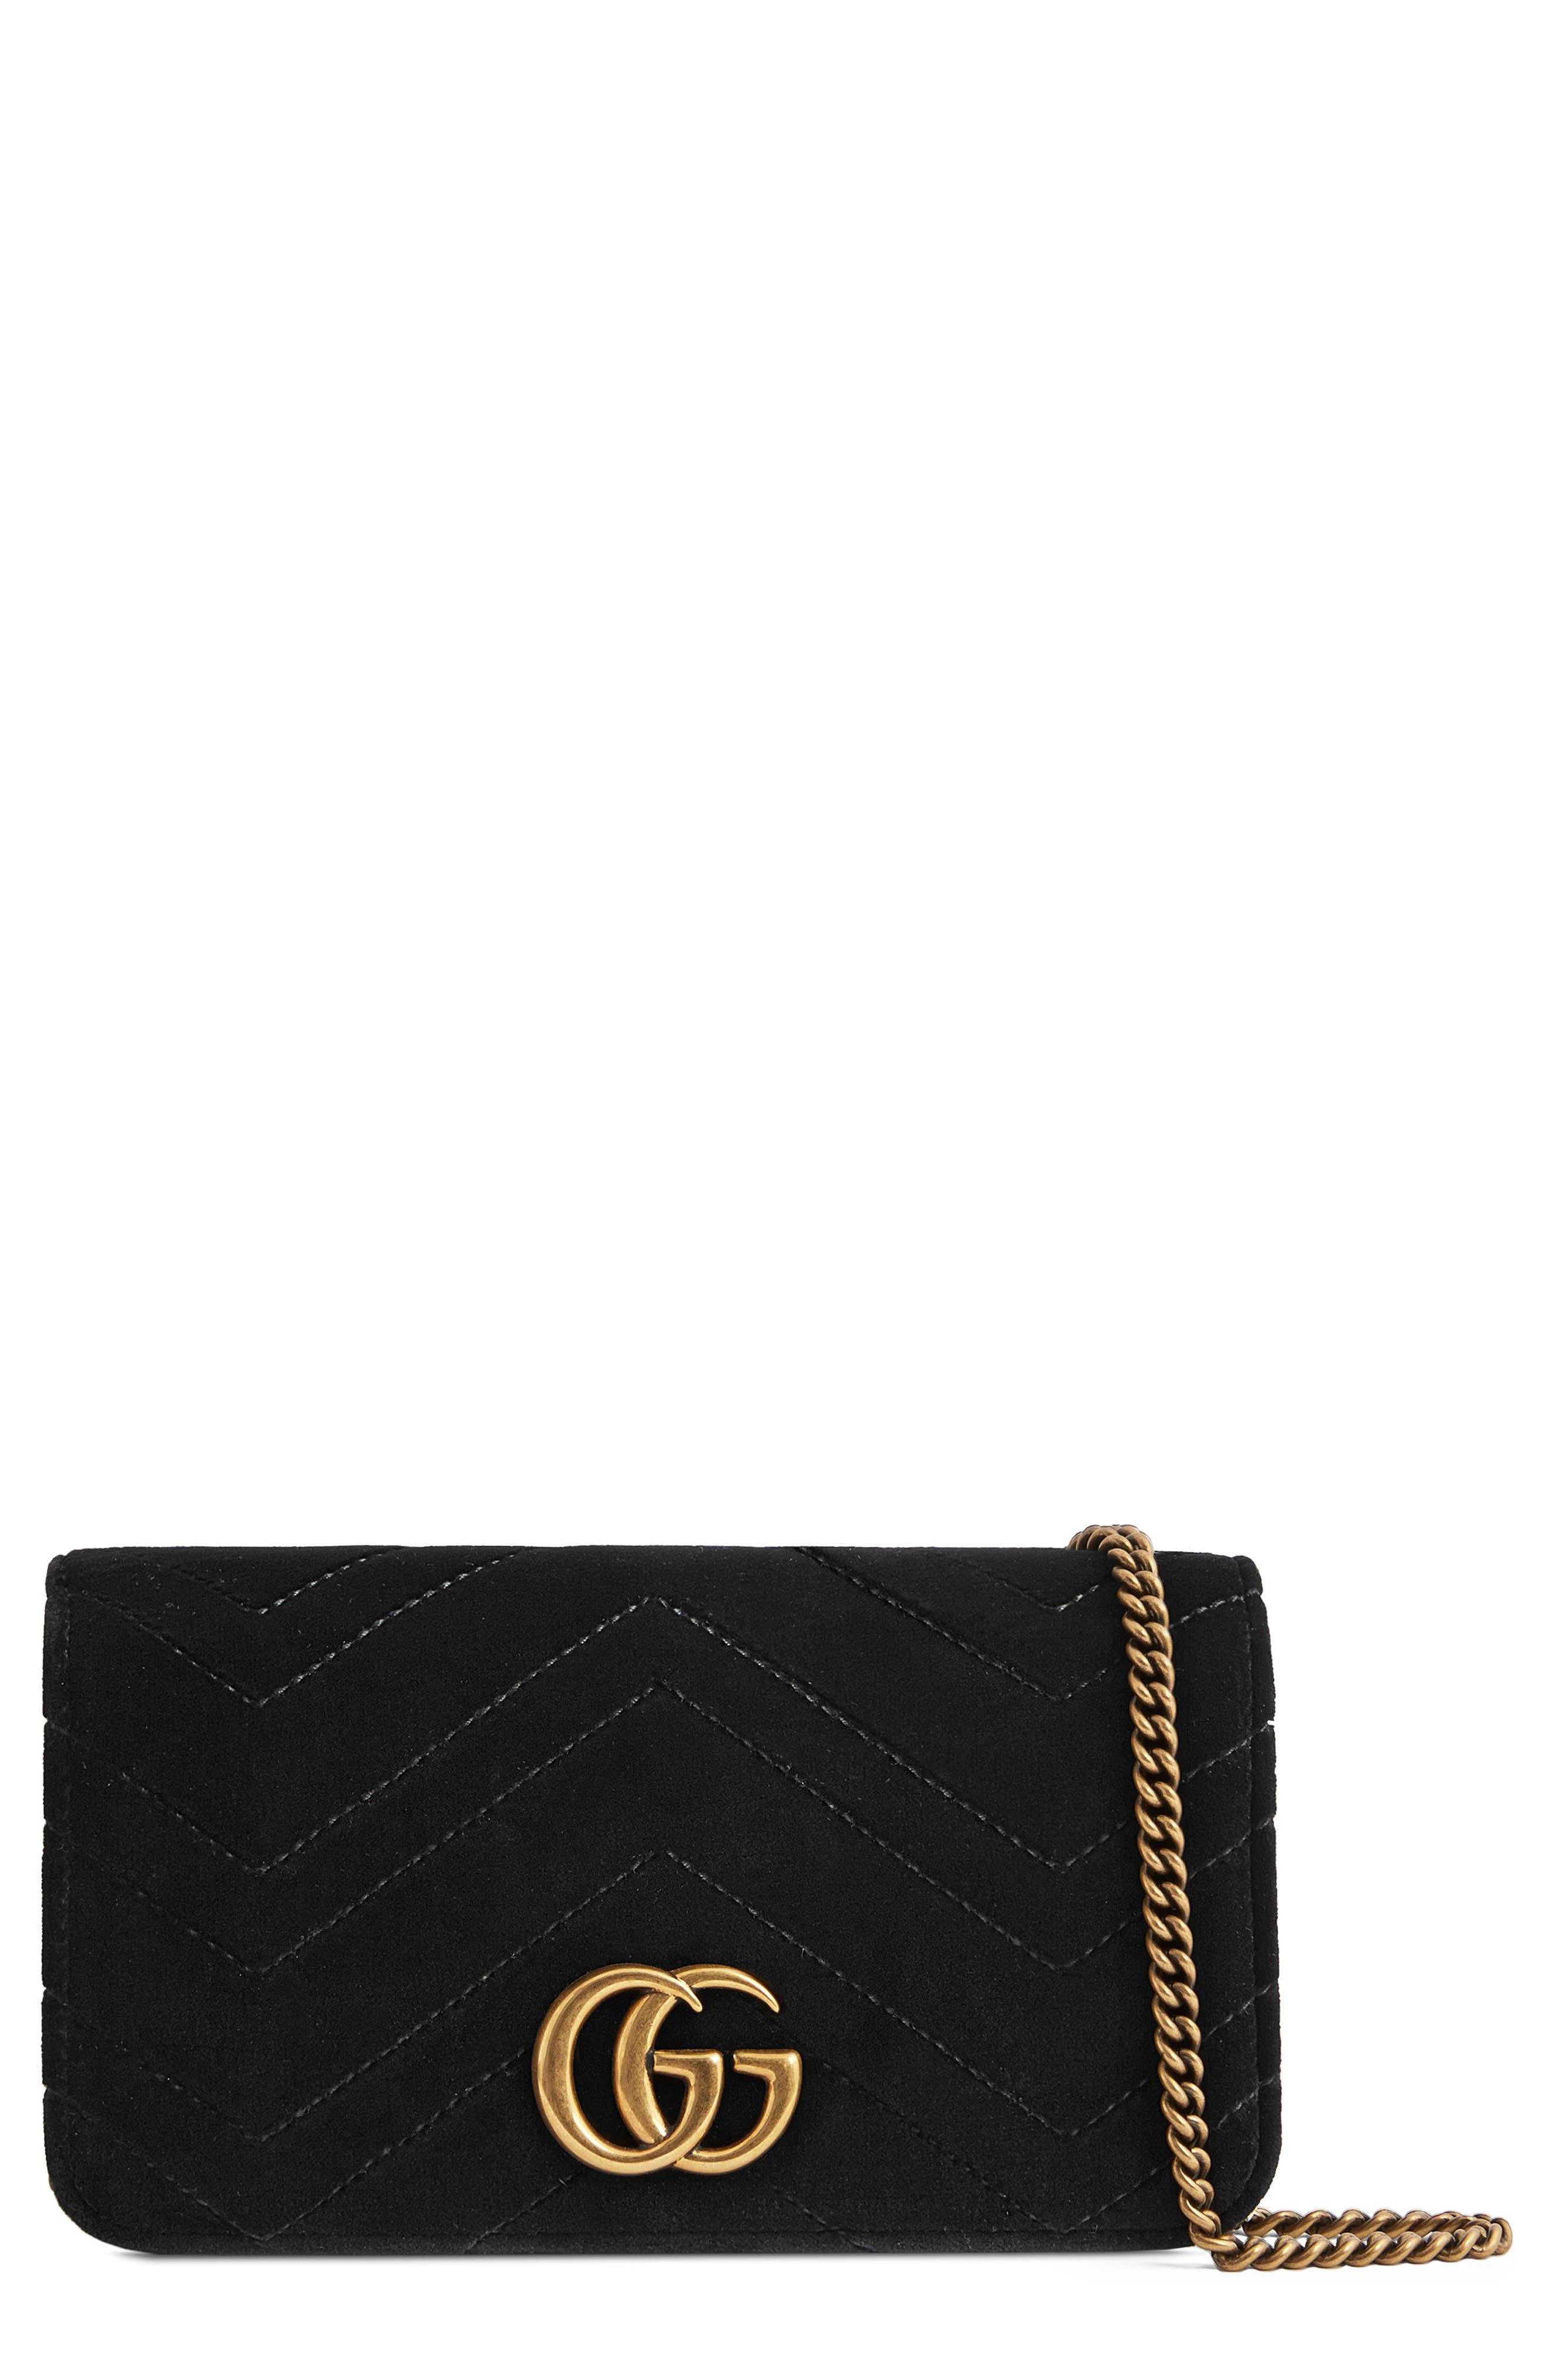 GG Marmont 2.0 Matelassé Velvet Shoulder Bag, Main, color, NERO/ NERO